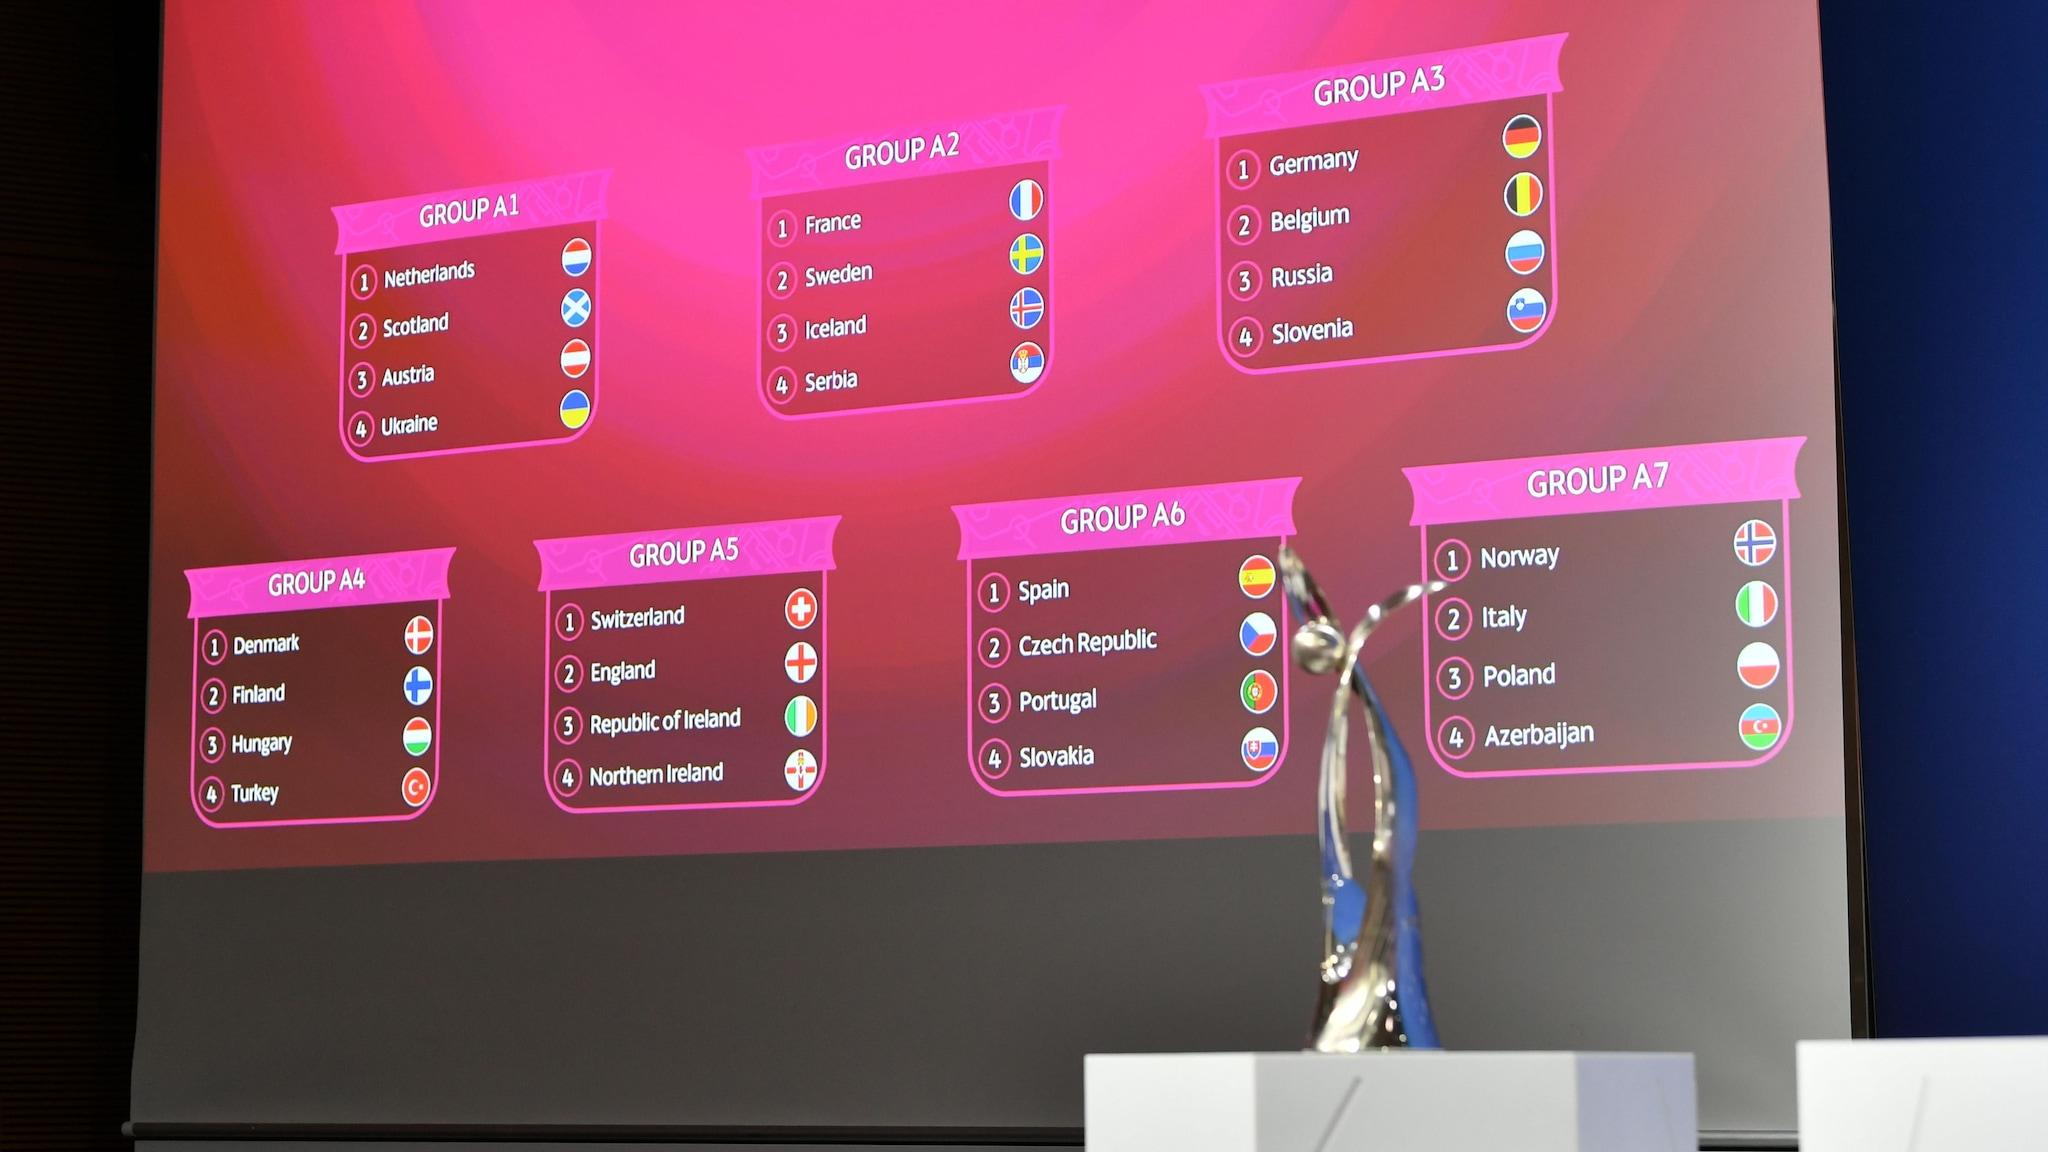 2021/22 Women's U19 round 1 draw made